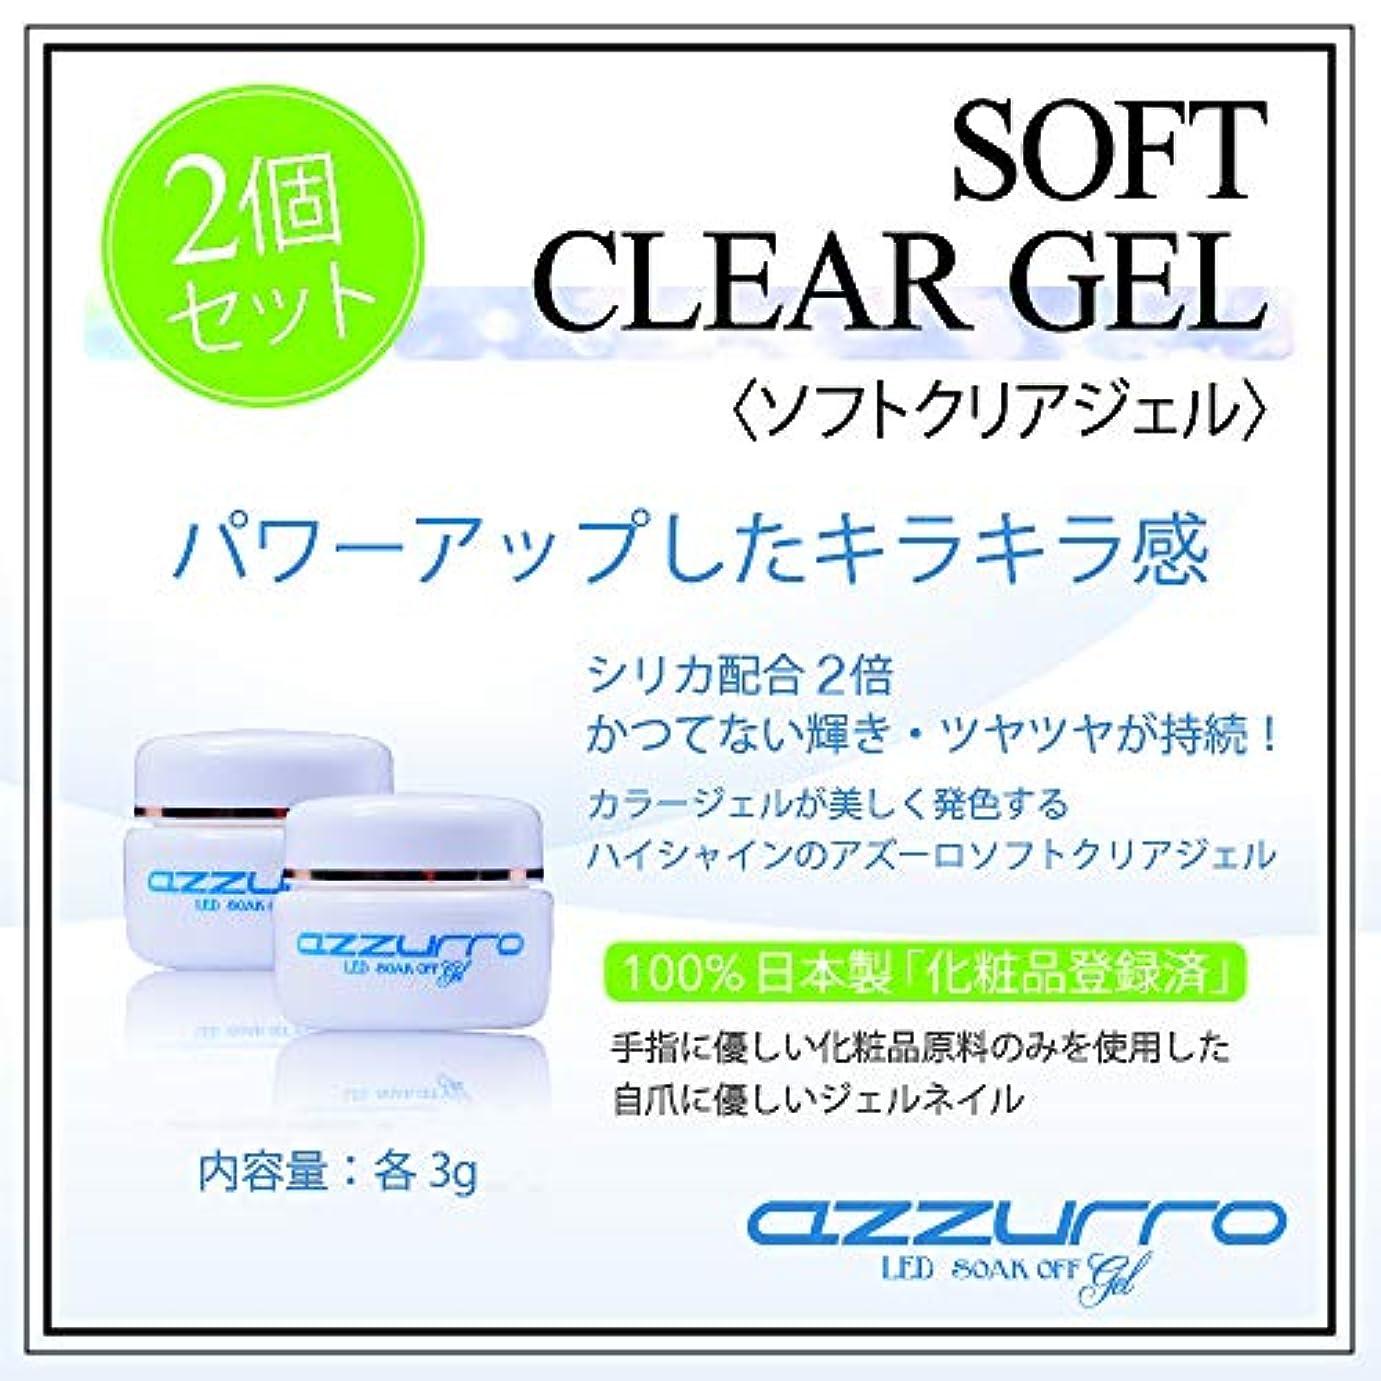 背の高いいくつかの天皇azzurro gel アッズーロ ソフトクリアージェル お得な2個セット ツヤツヤ キラキラ感持続 抜群のツヤ 爪に優しい日本製 3g